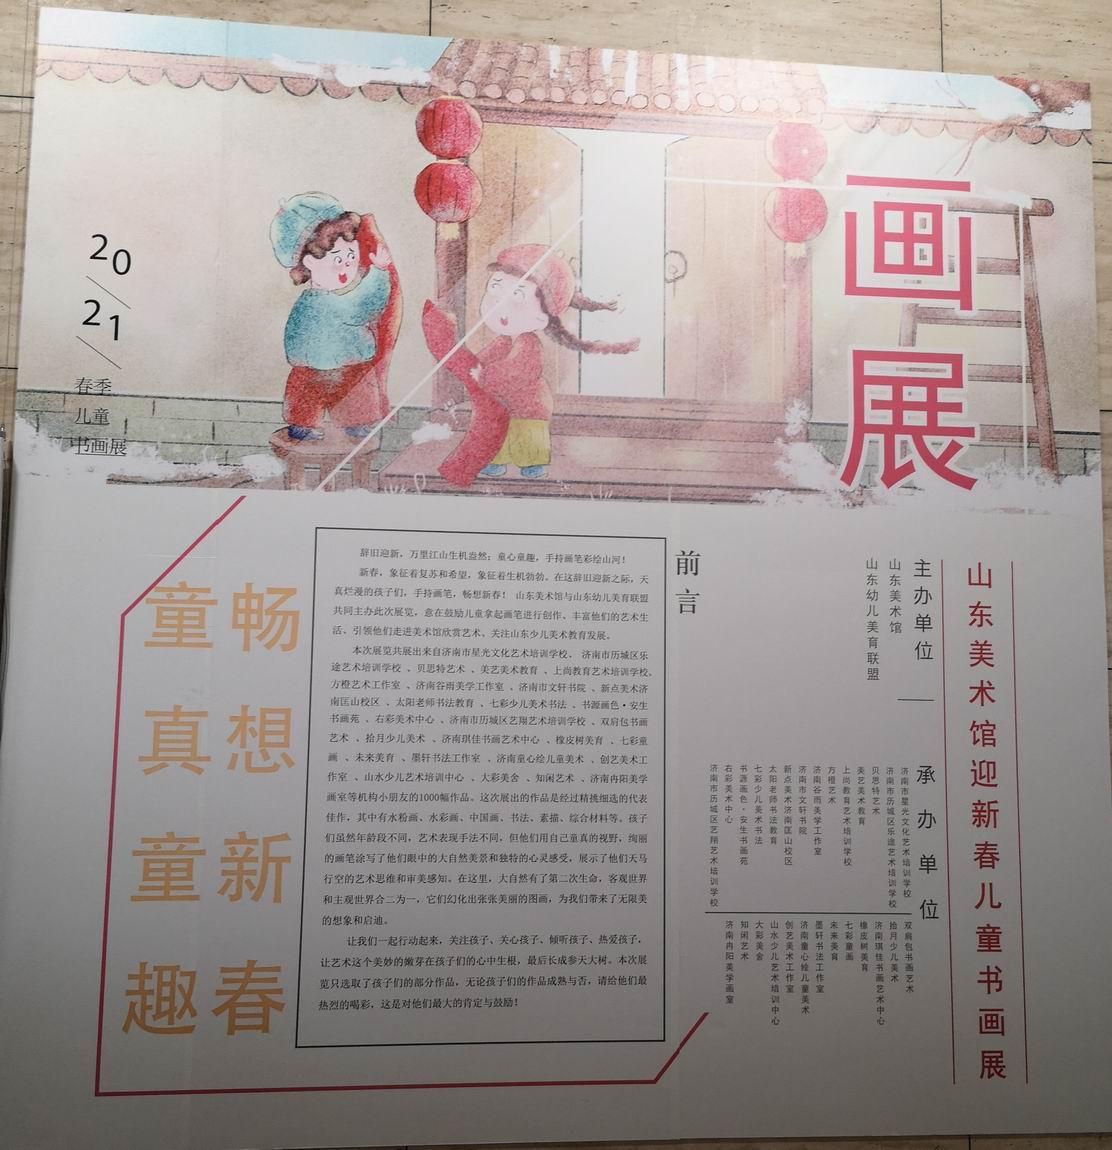 2021山东美术馆迎新春儿童书画展